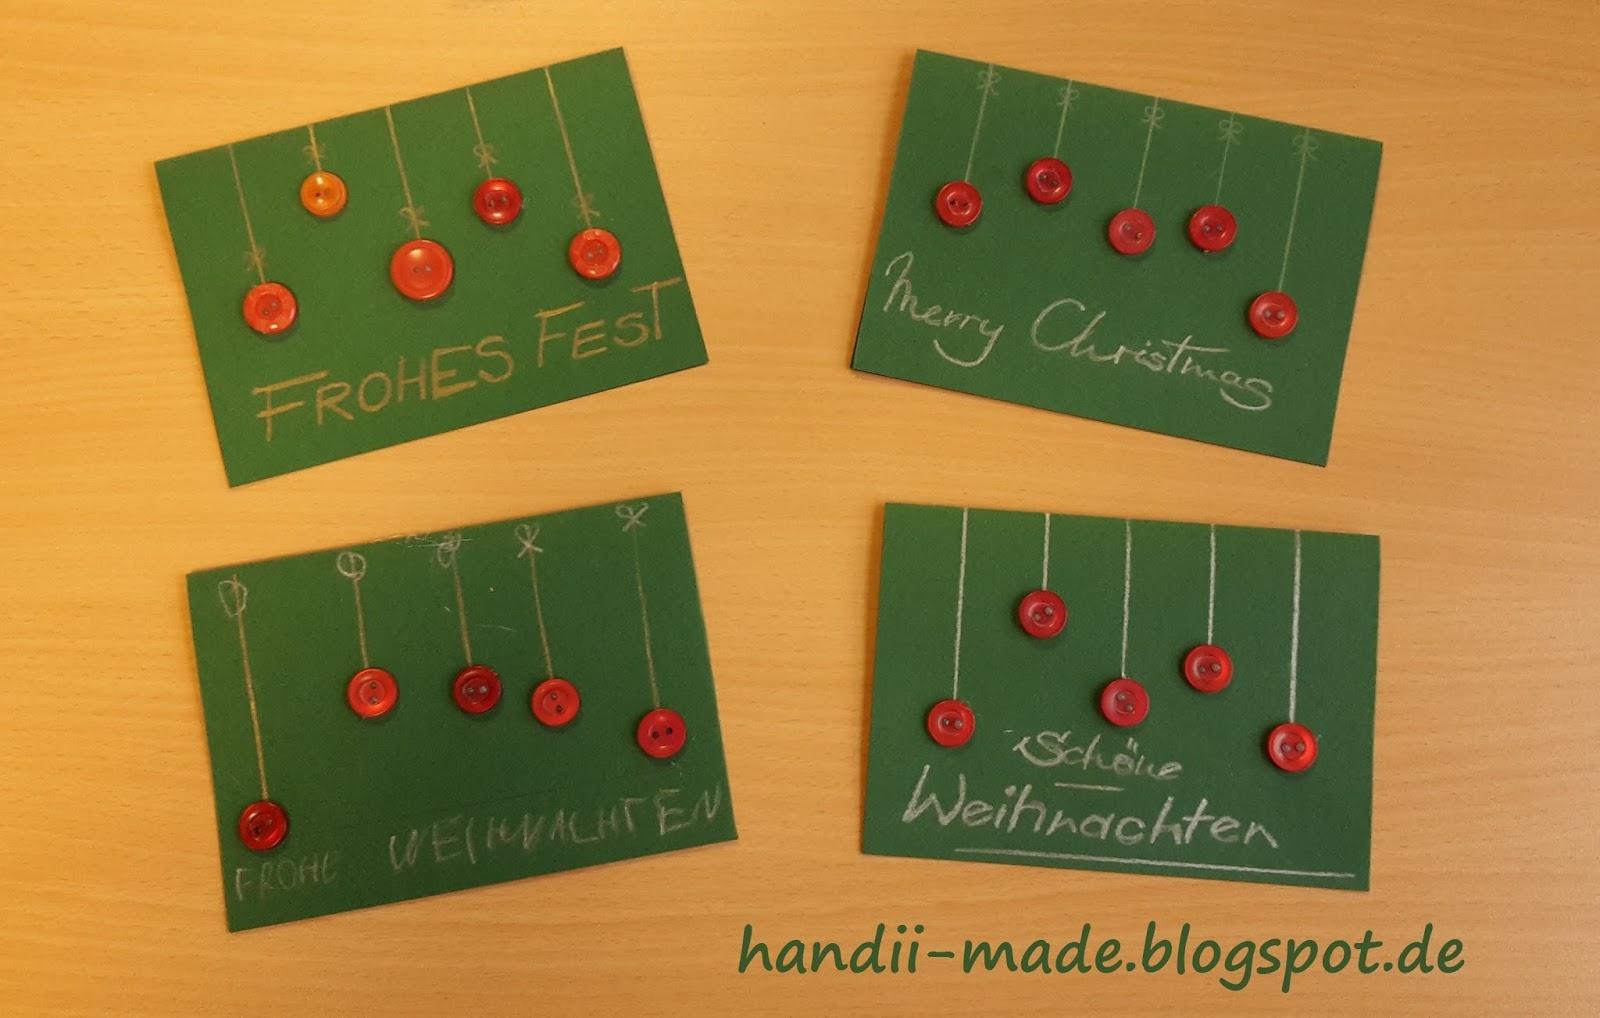 Handii made weihnachtskarten mit kn pfen for Weihnachtskarten basteln kinder